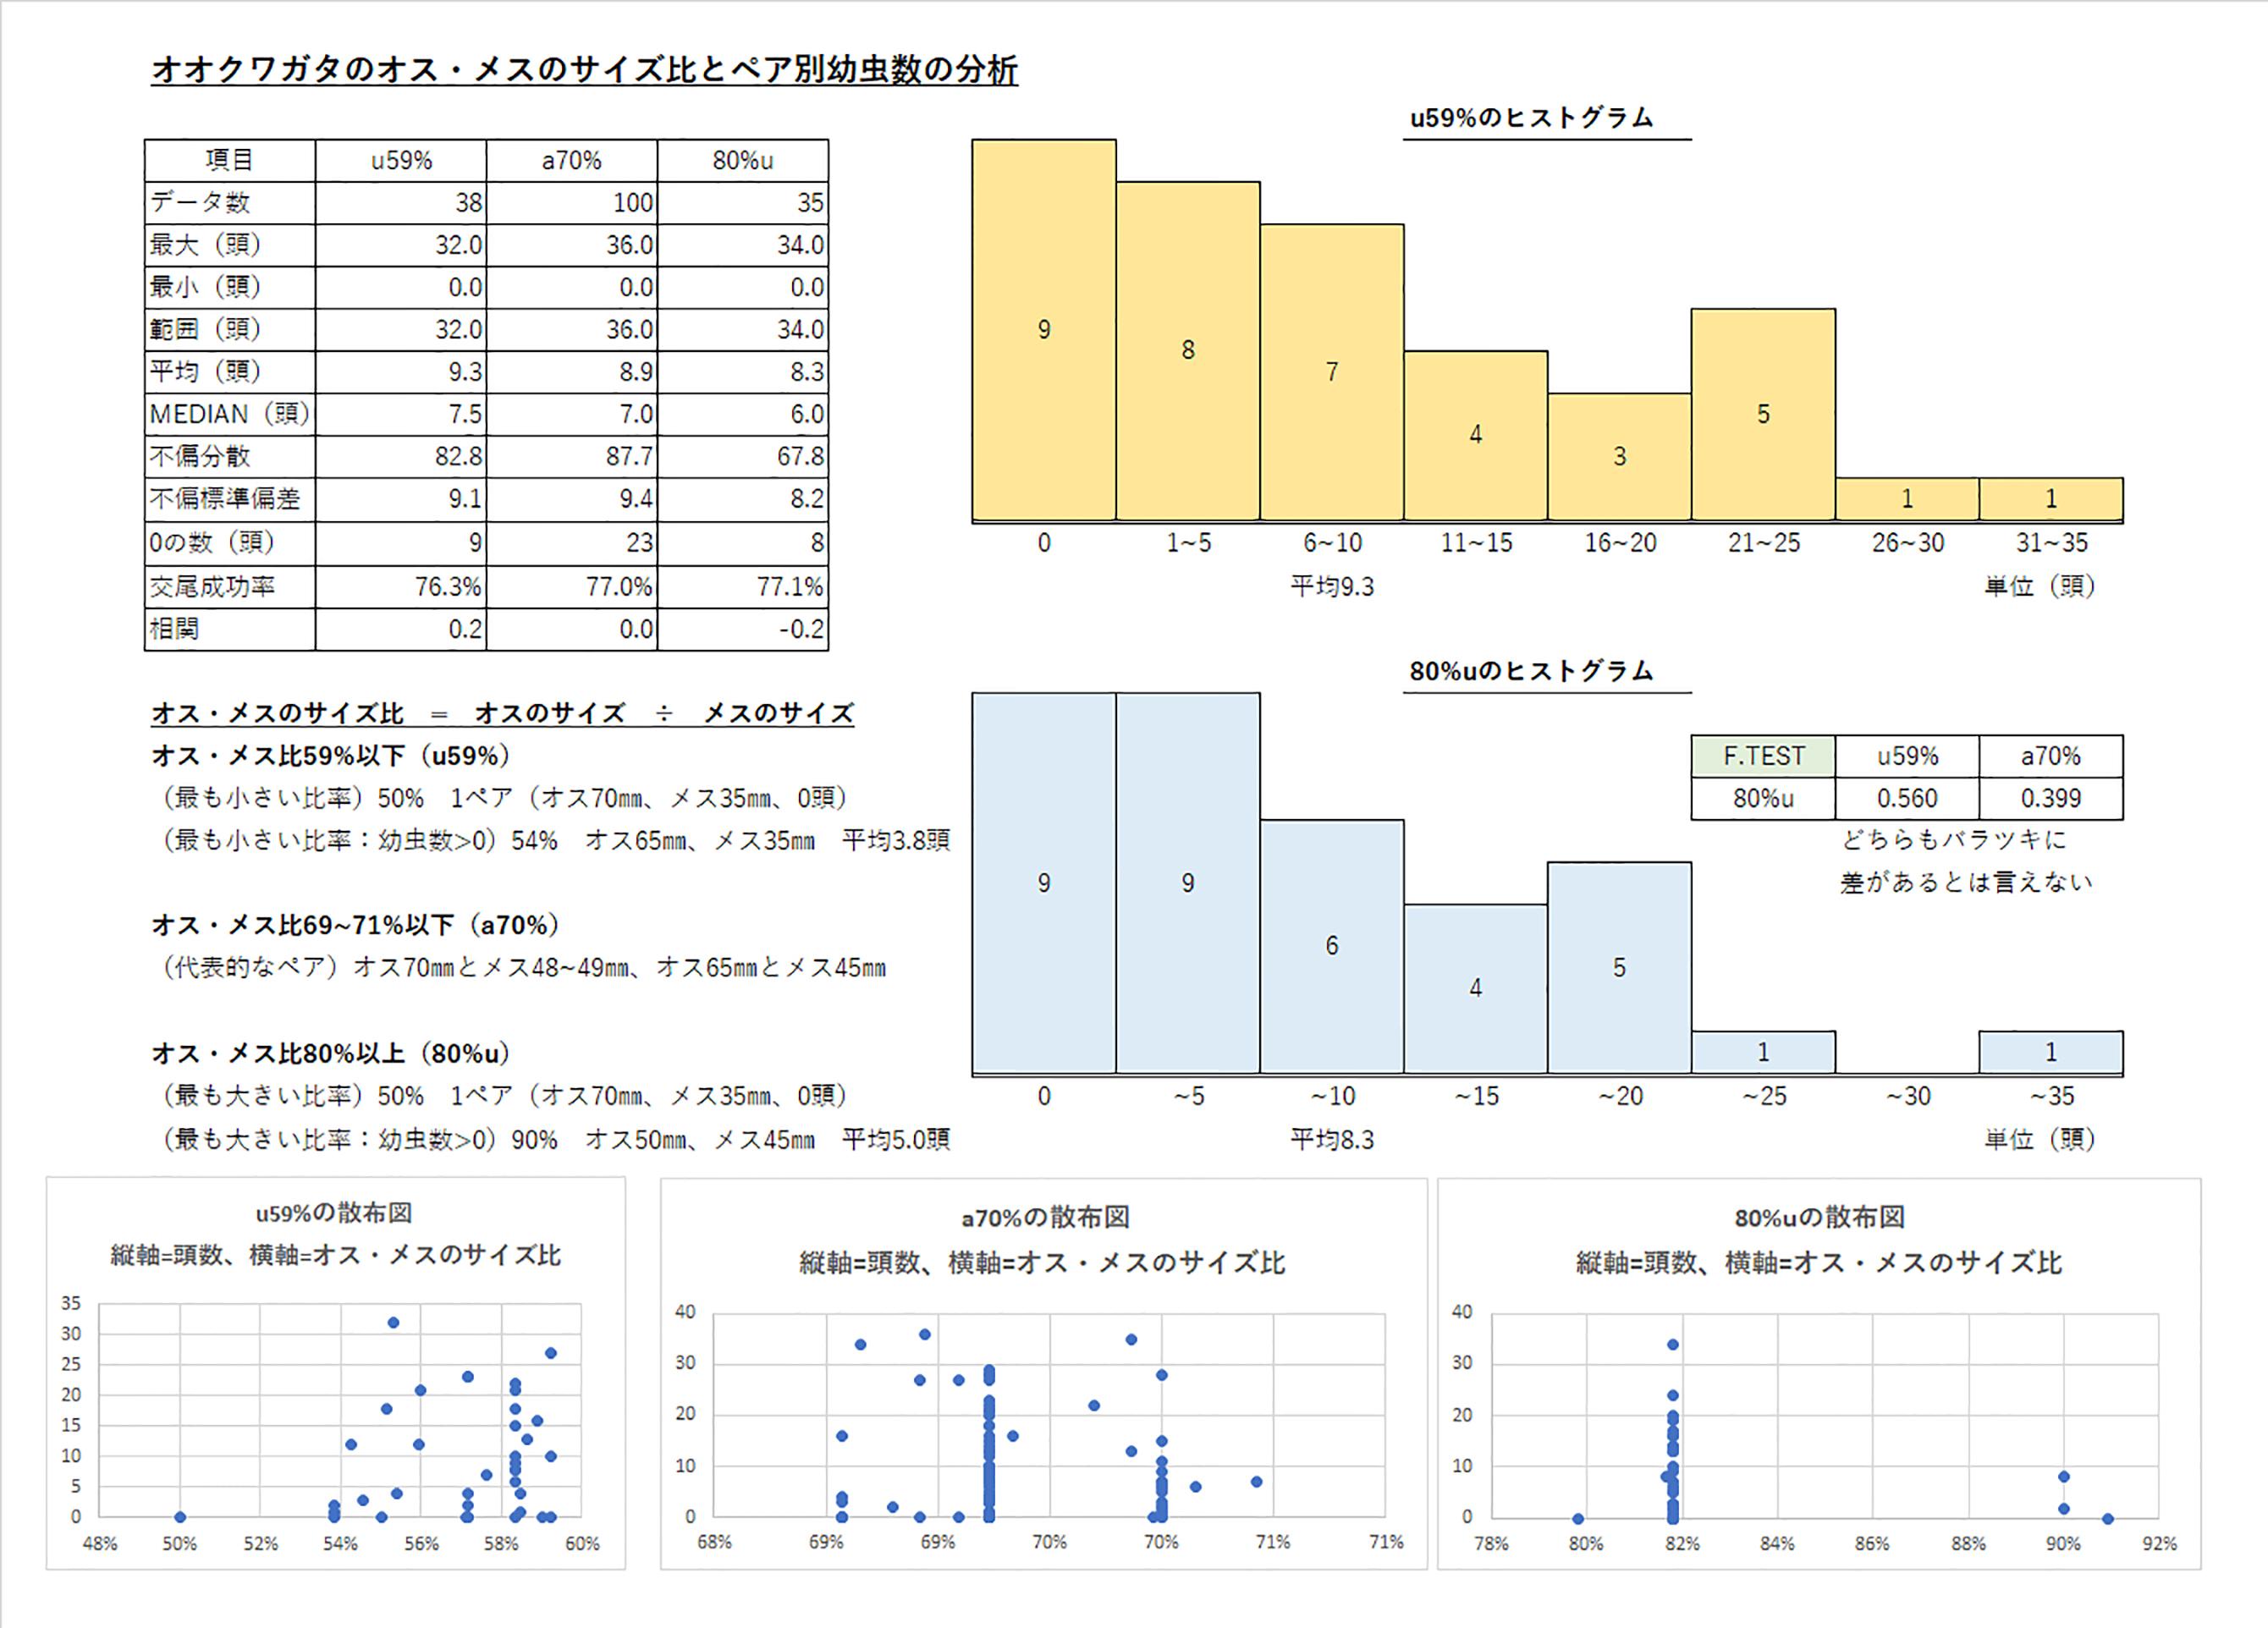 マガジン-201809-1-オオクワガタのオス・メスのサイズ比とペア別幼虫数の分析U